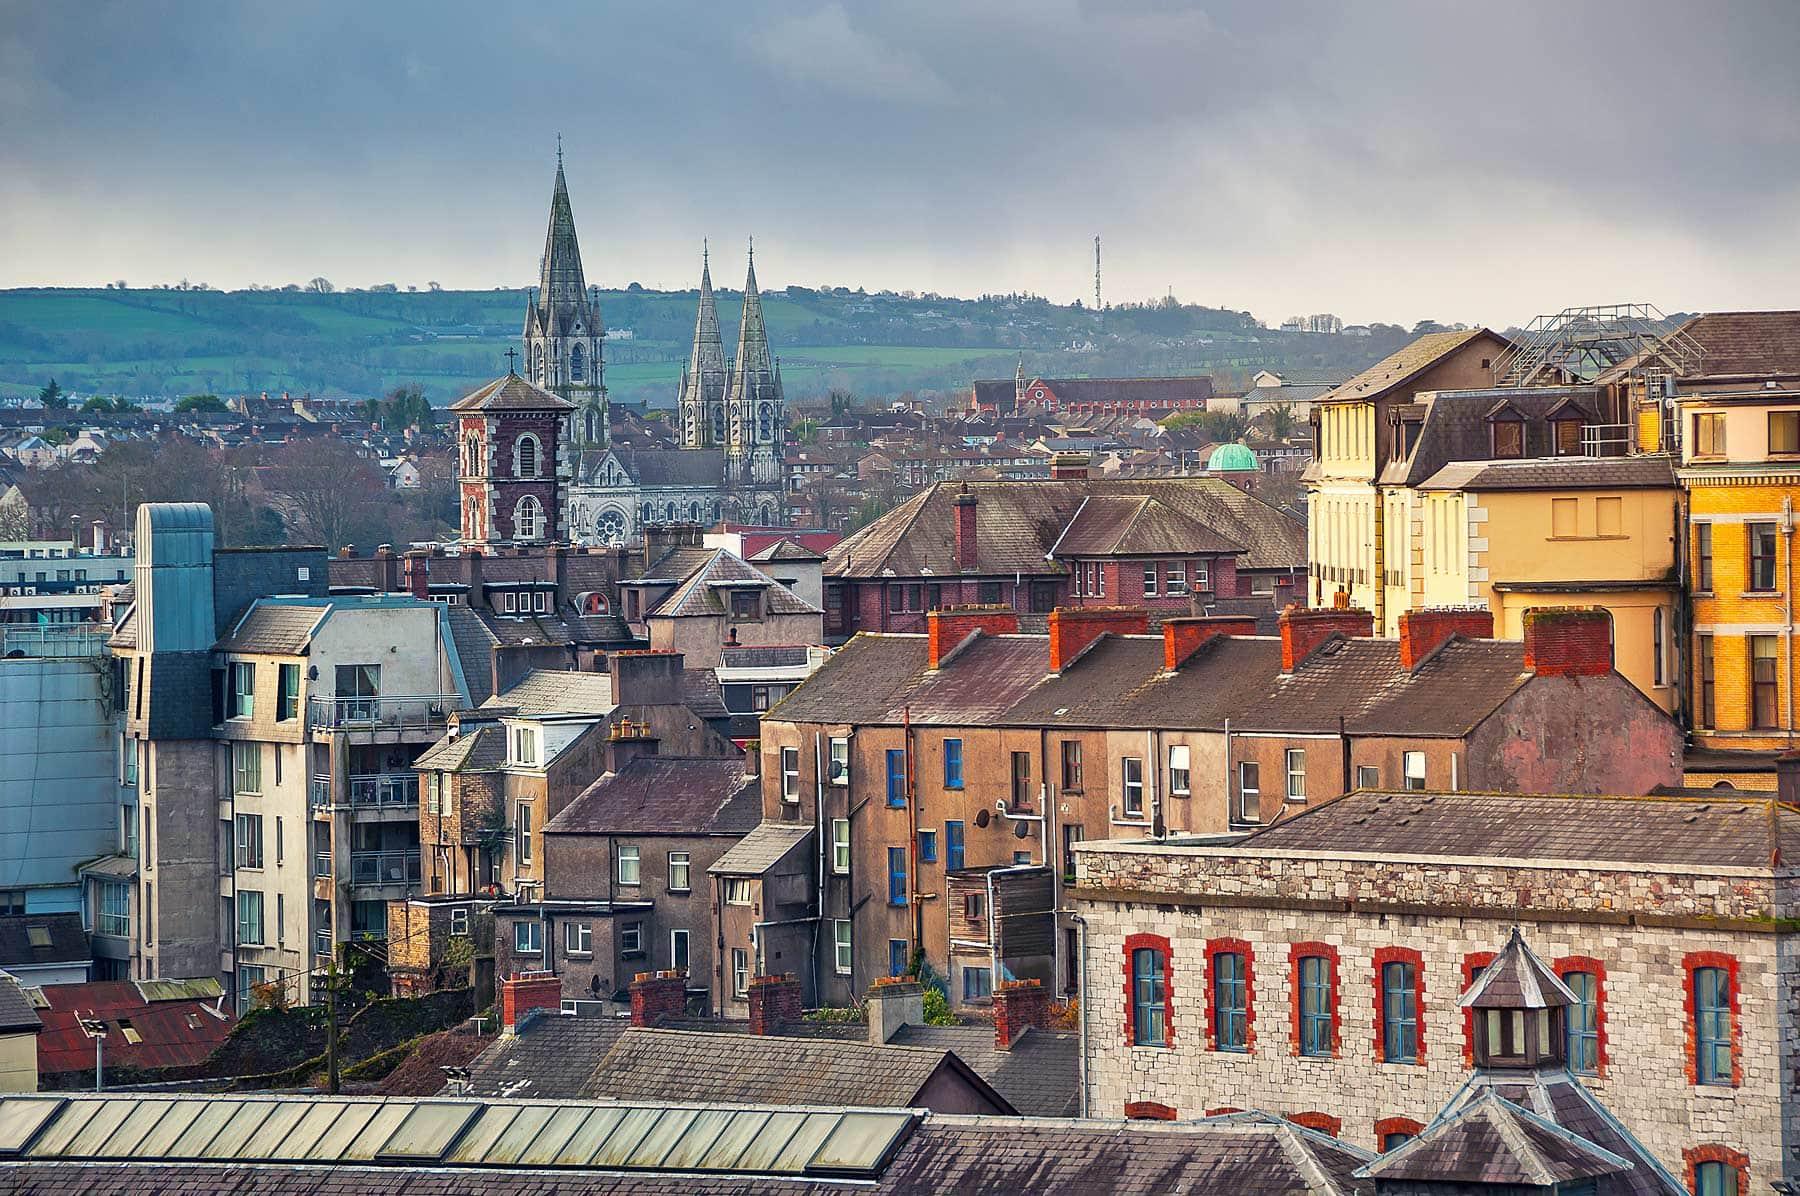 Bezoek Cork in Ierland dit najaar // Cork, Ireland as fall destination